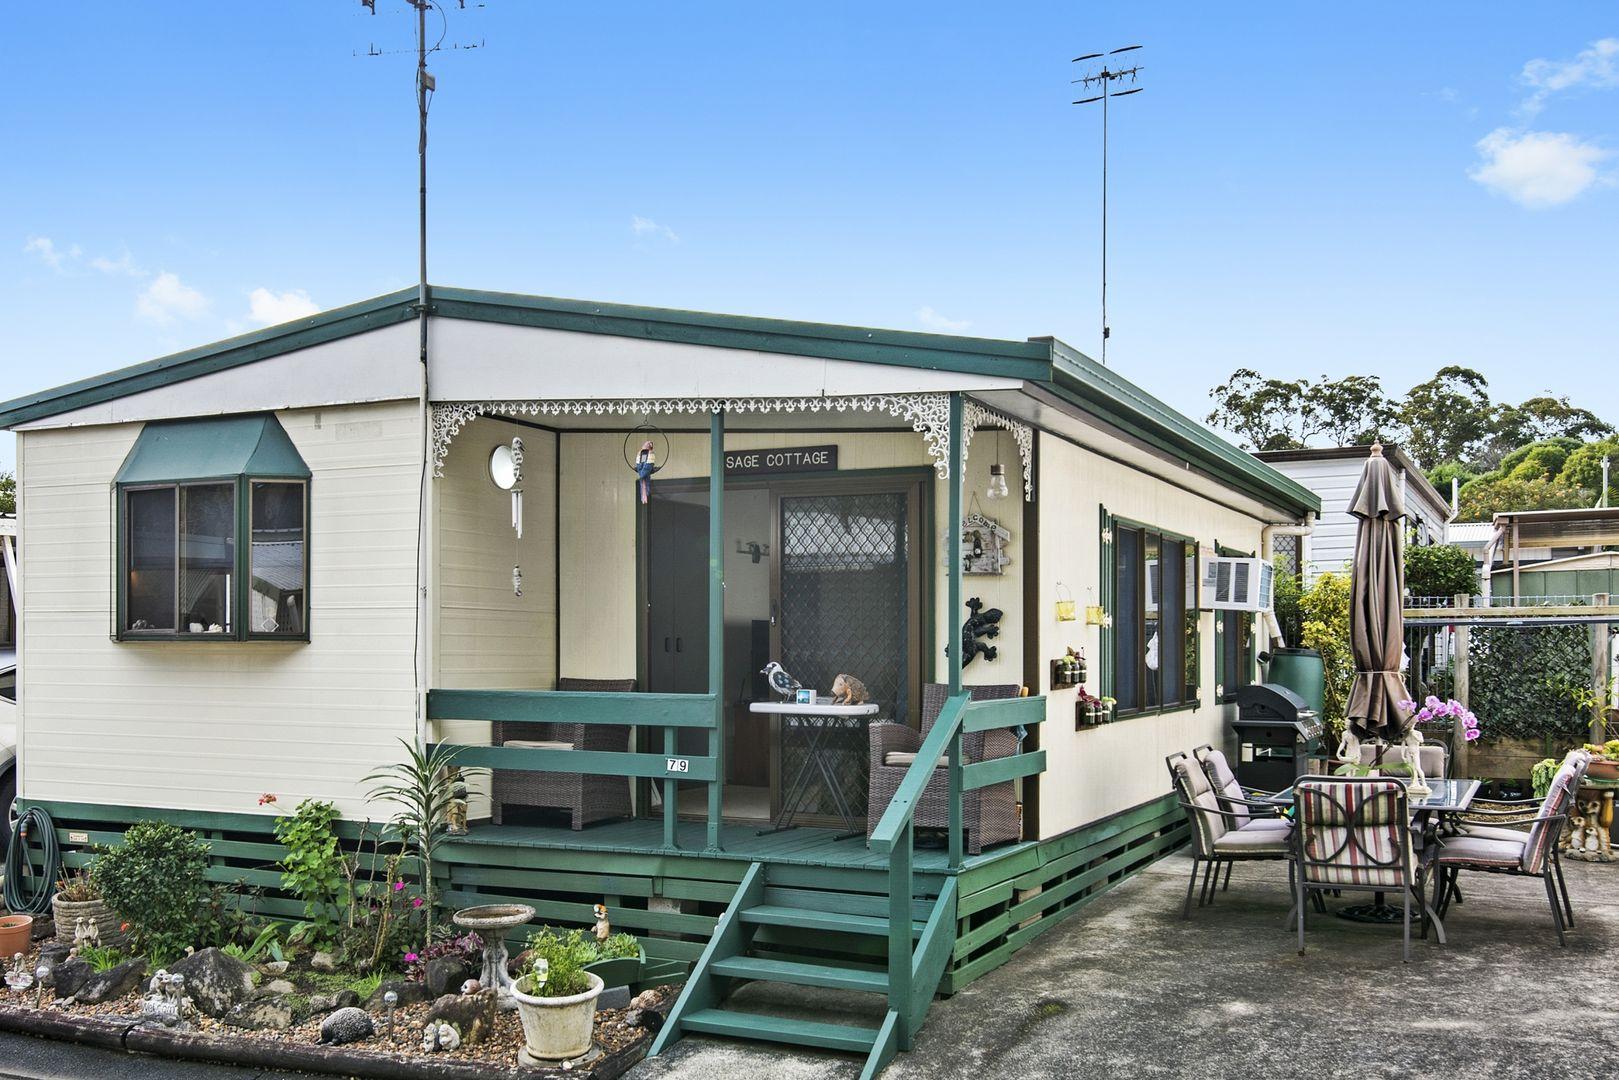 79 Friendship, Kincumber Nautical Village, Kincumber NSW 2251, Image 0